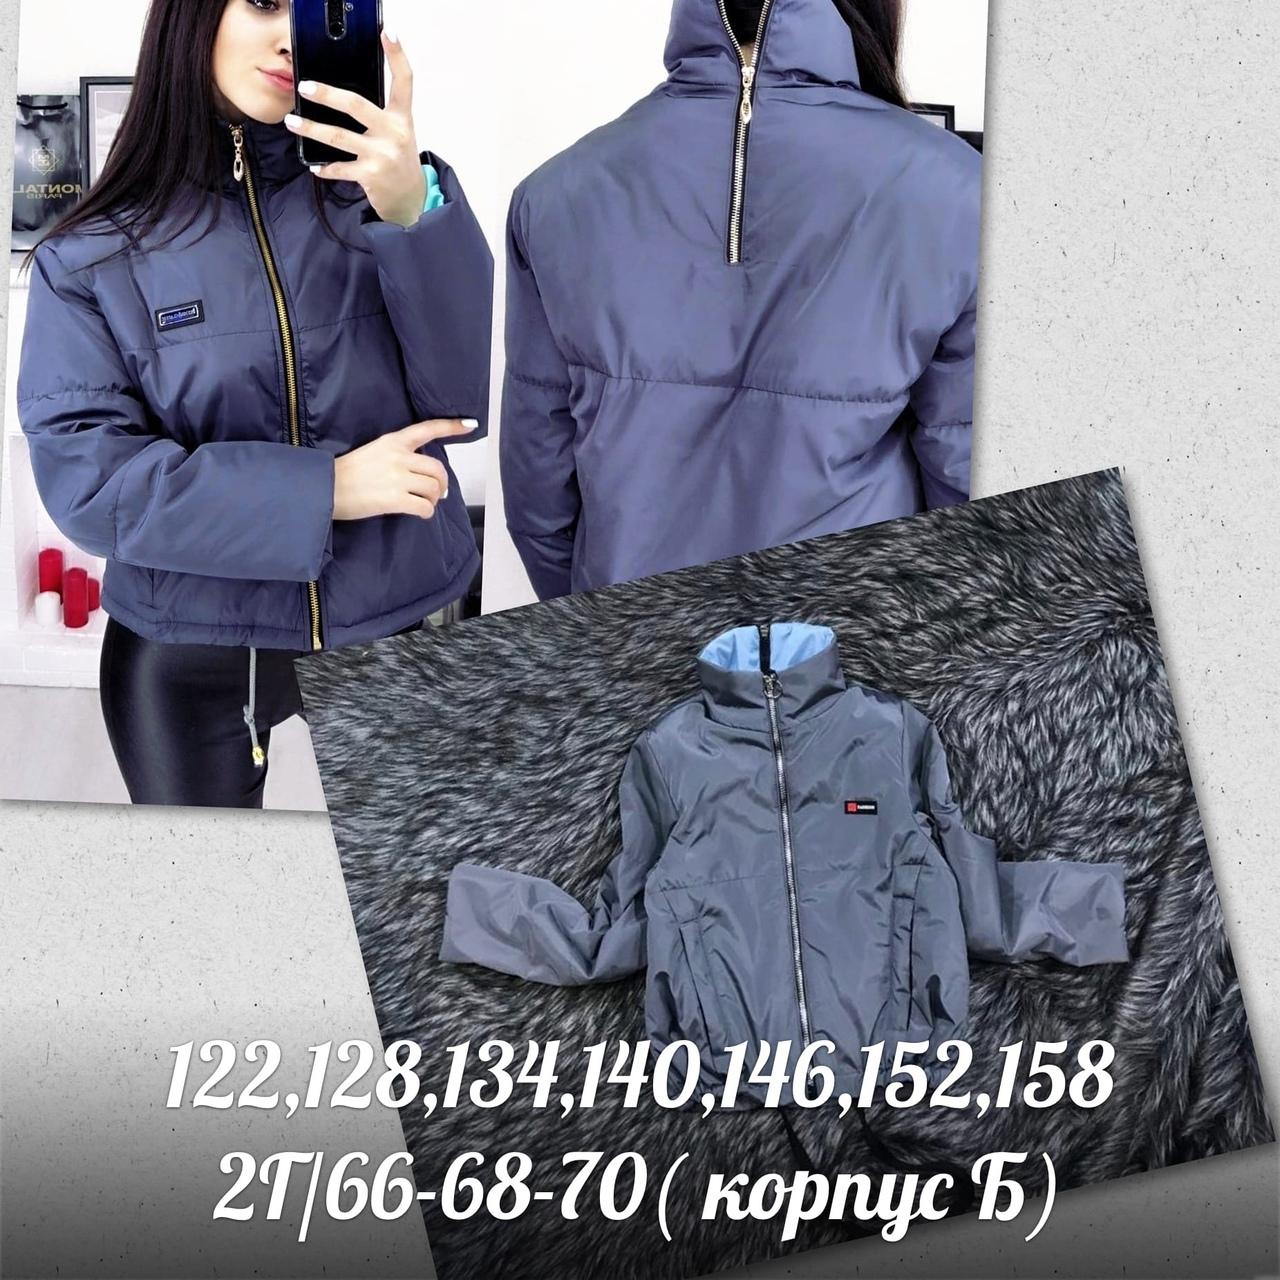 Распродажа  Куртки осень До -5 можно  Размер 122 до 158см